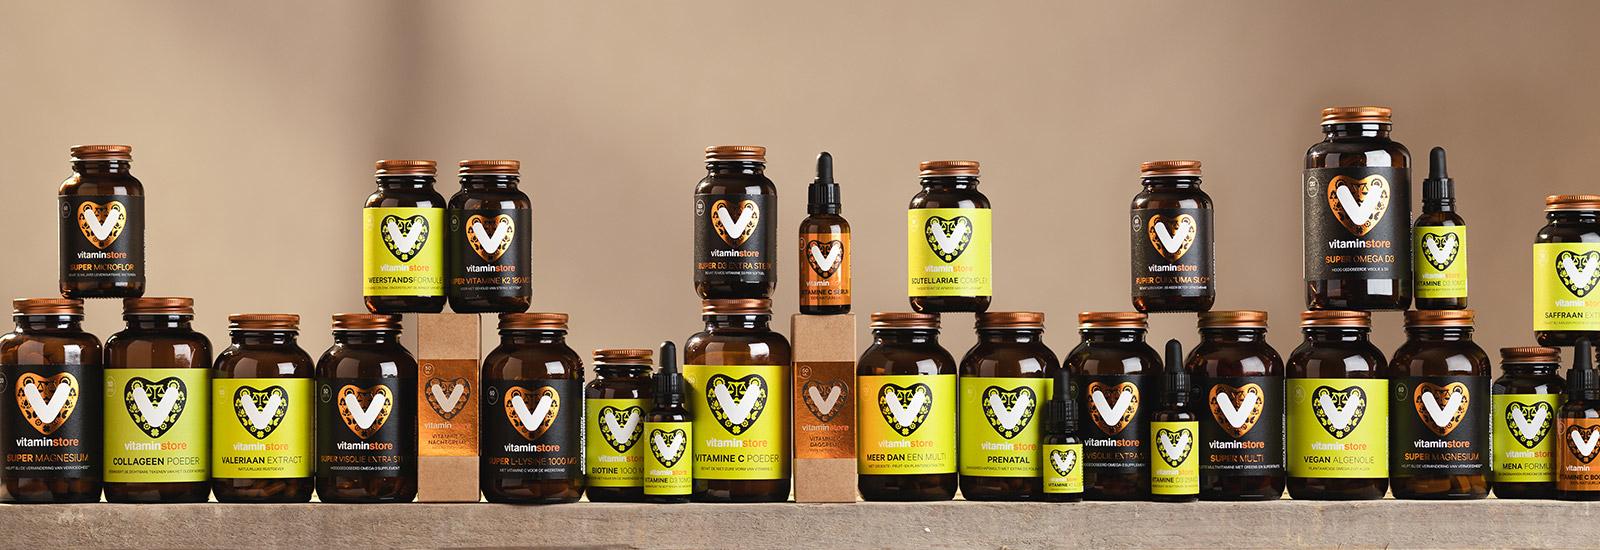 Vitaminstore Supplementenwijzer